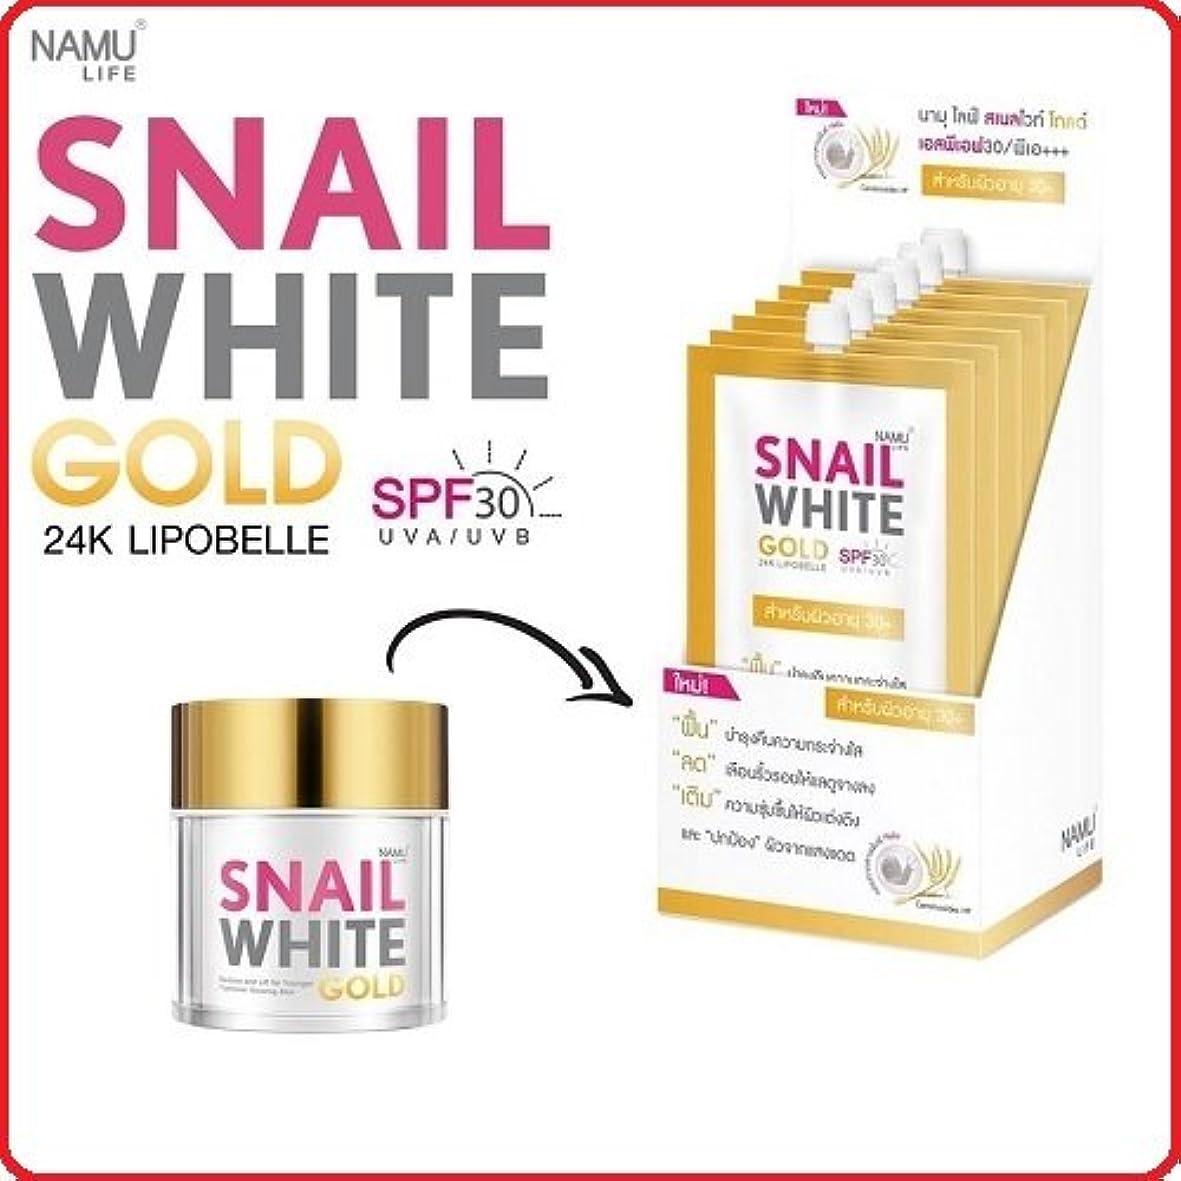 領収書服を洗う倒錯2個スネールホワイト ナムライフ ホイップソープ 2 x Snail White WHIPP SOAP Namu life Whitening 100g ++ FREE SNAIL WHITE GOLD CREAM 7ML